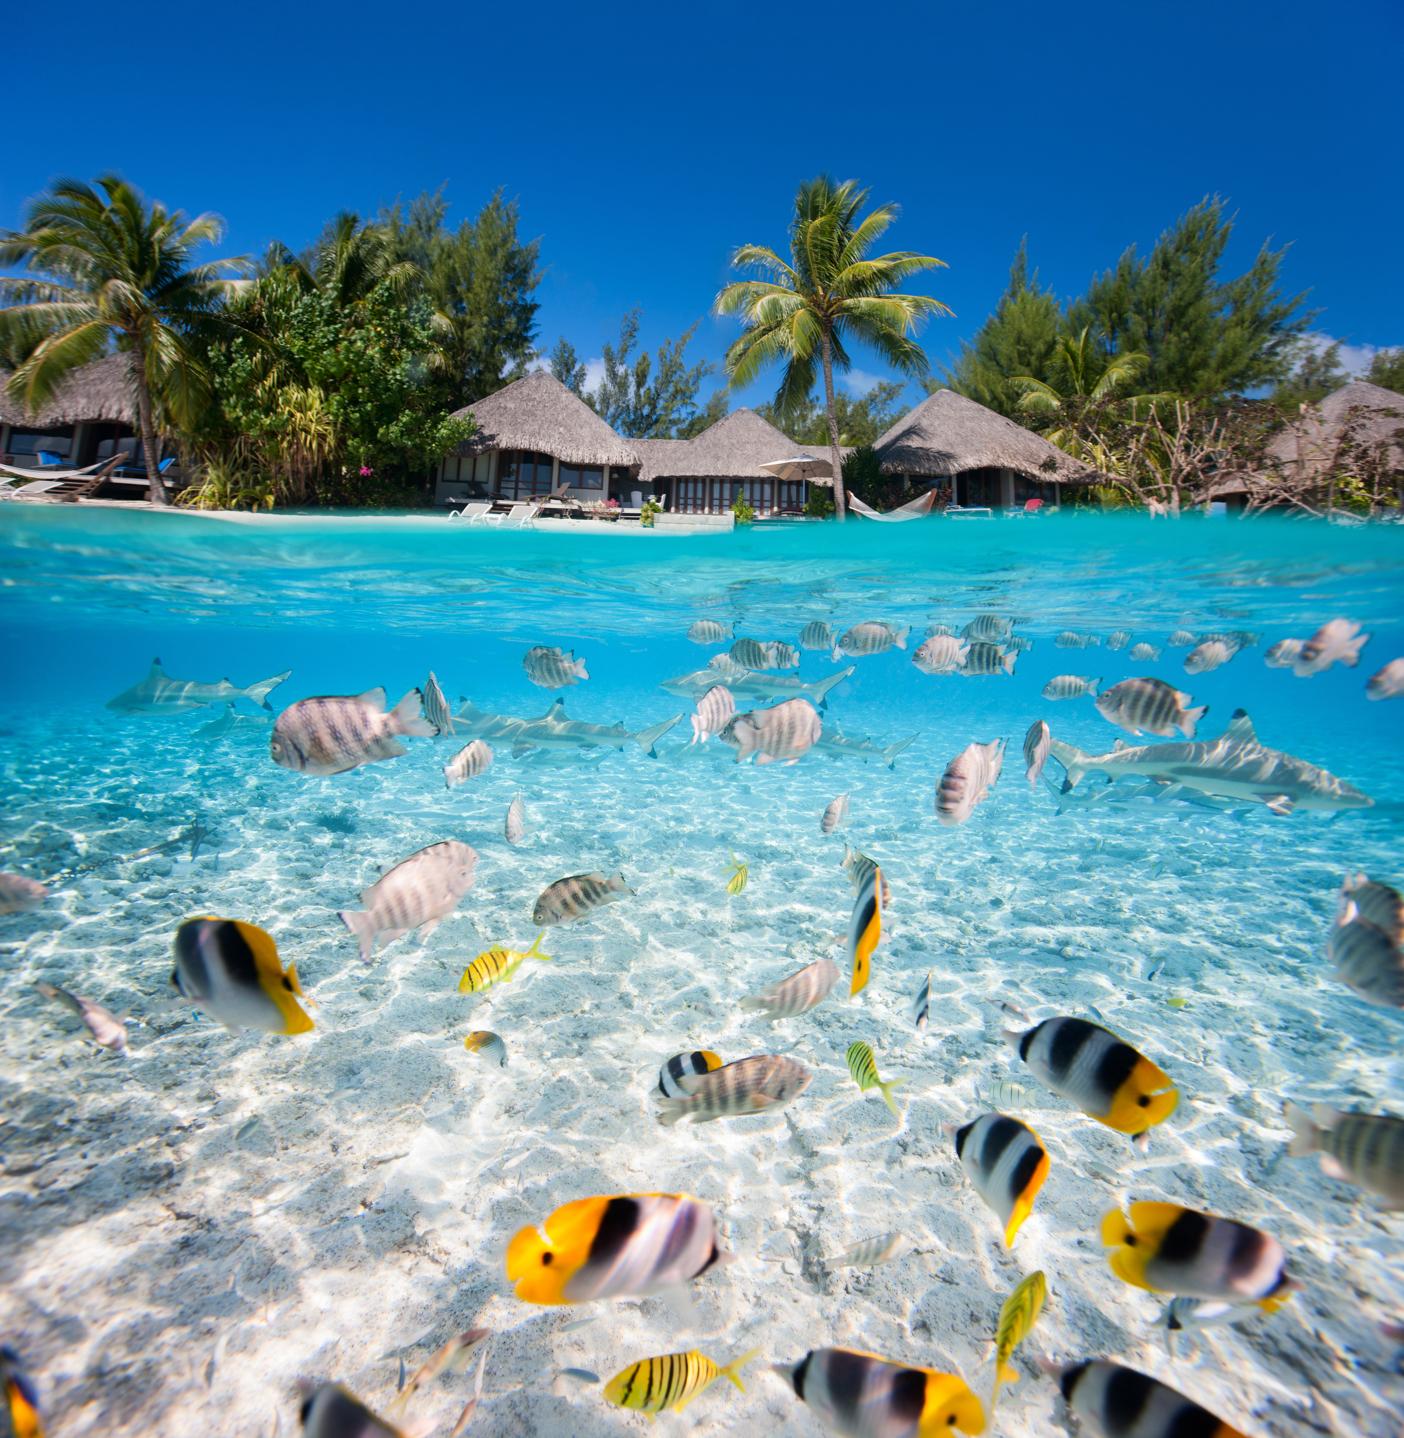 TIH - Tikehau Atoll